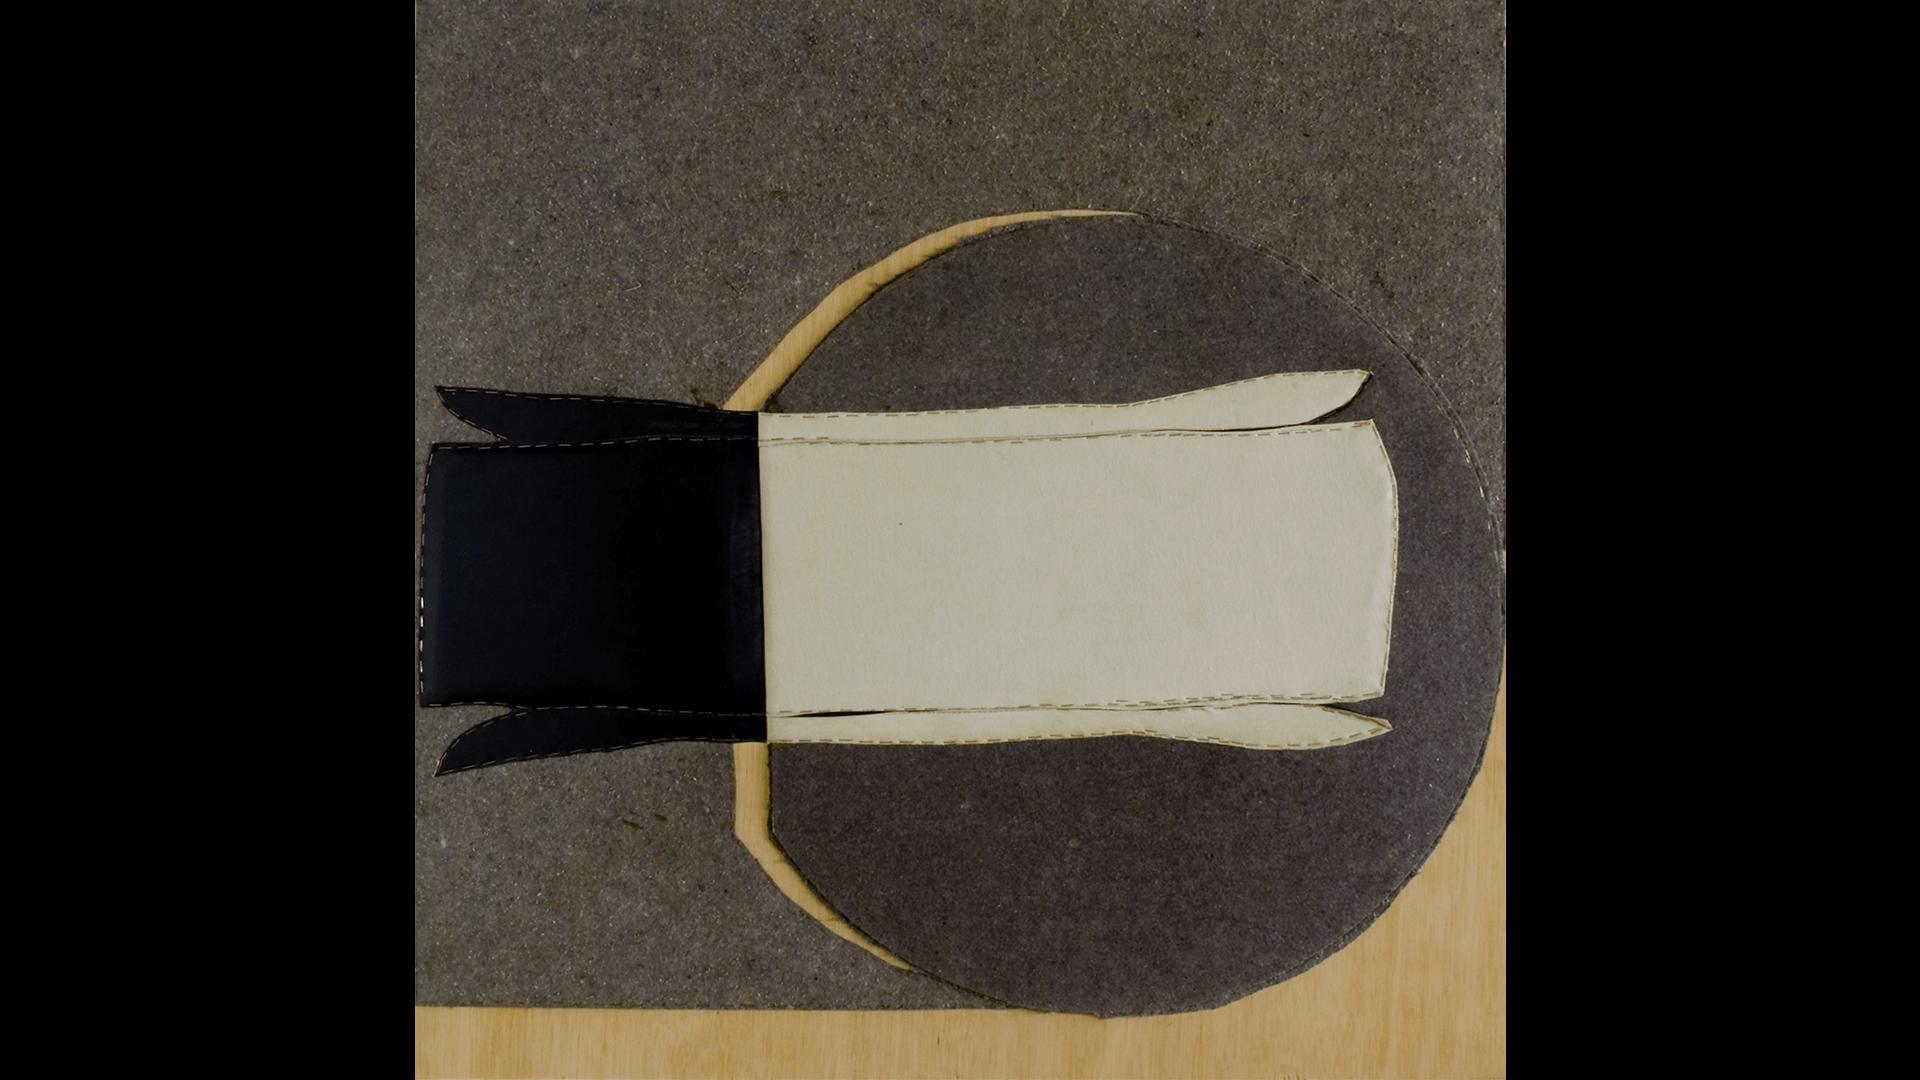 deconstruccio-de-lobjecte-11